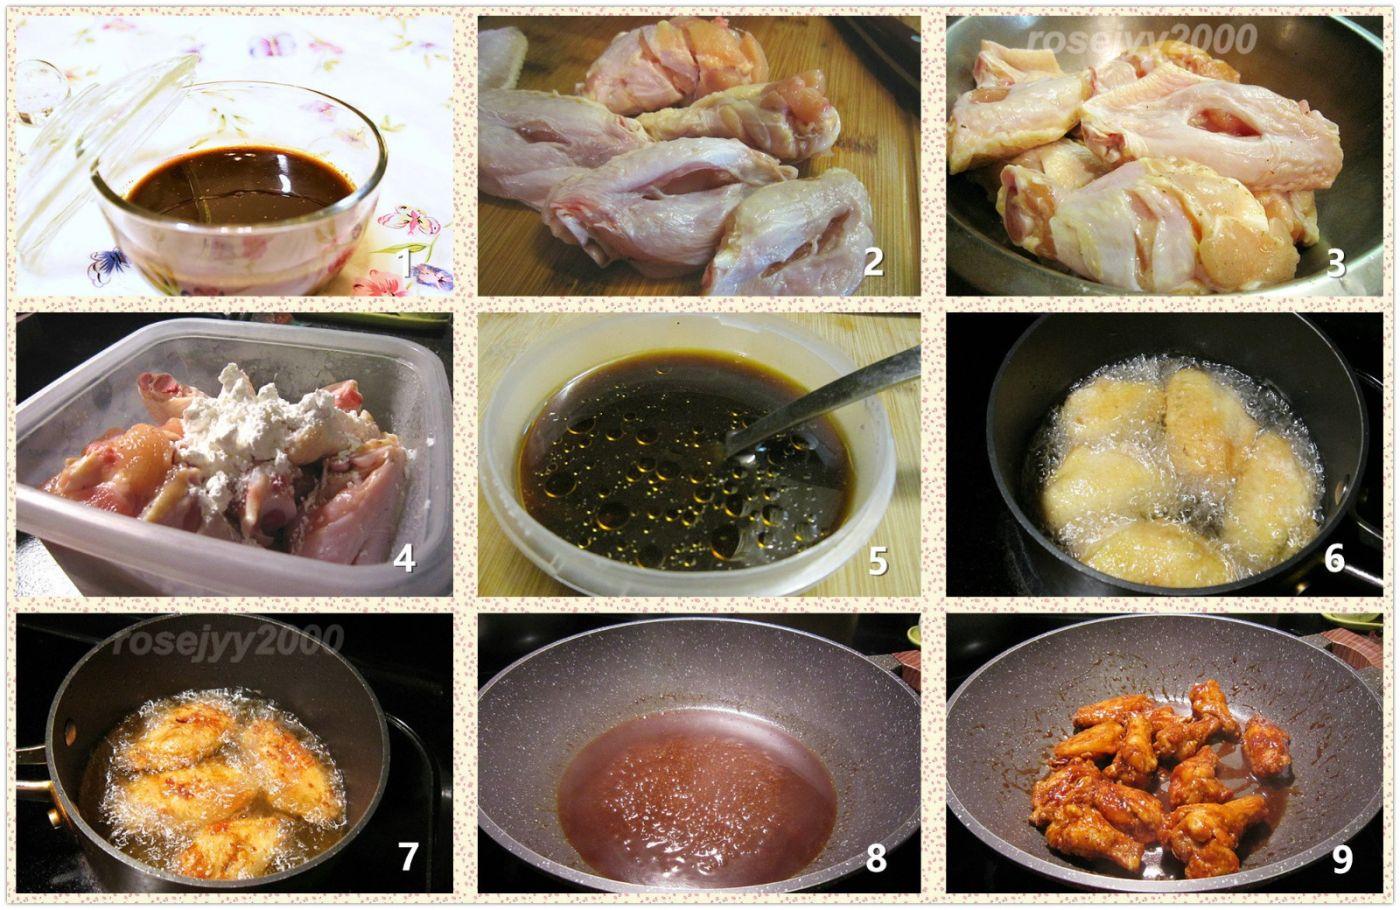 红烧汁烩鸡翅_图1-2